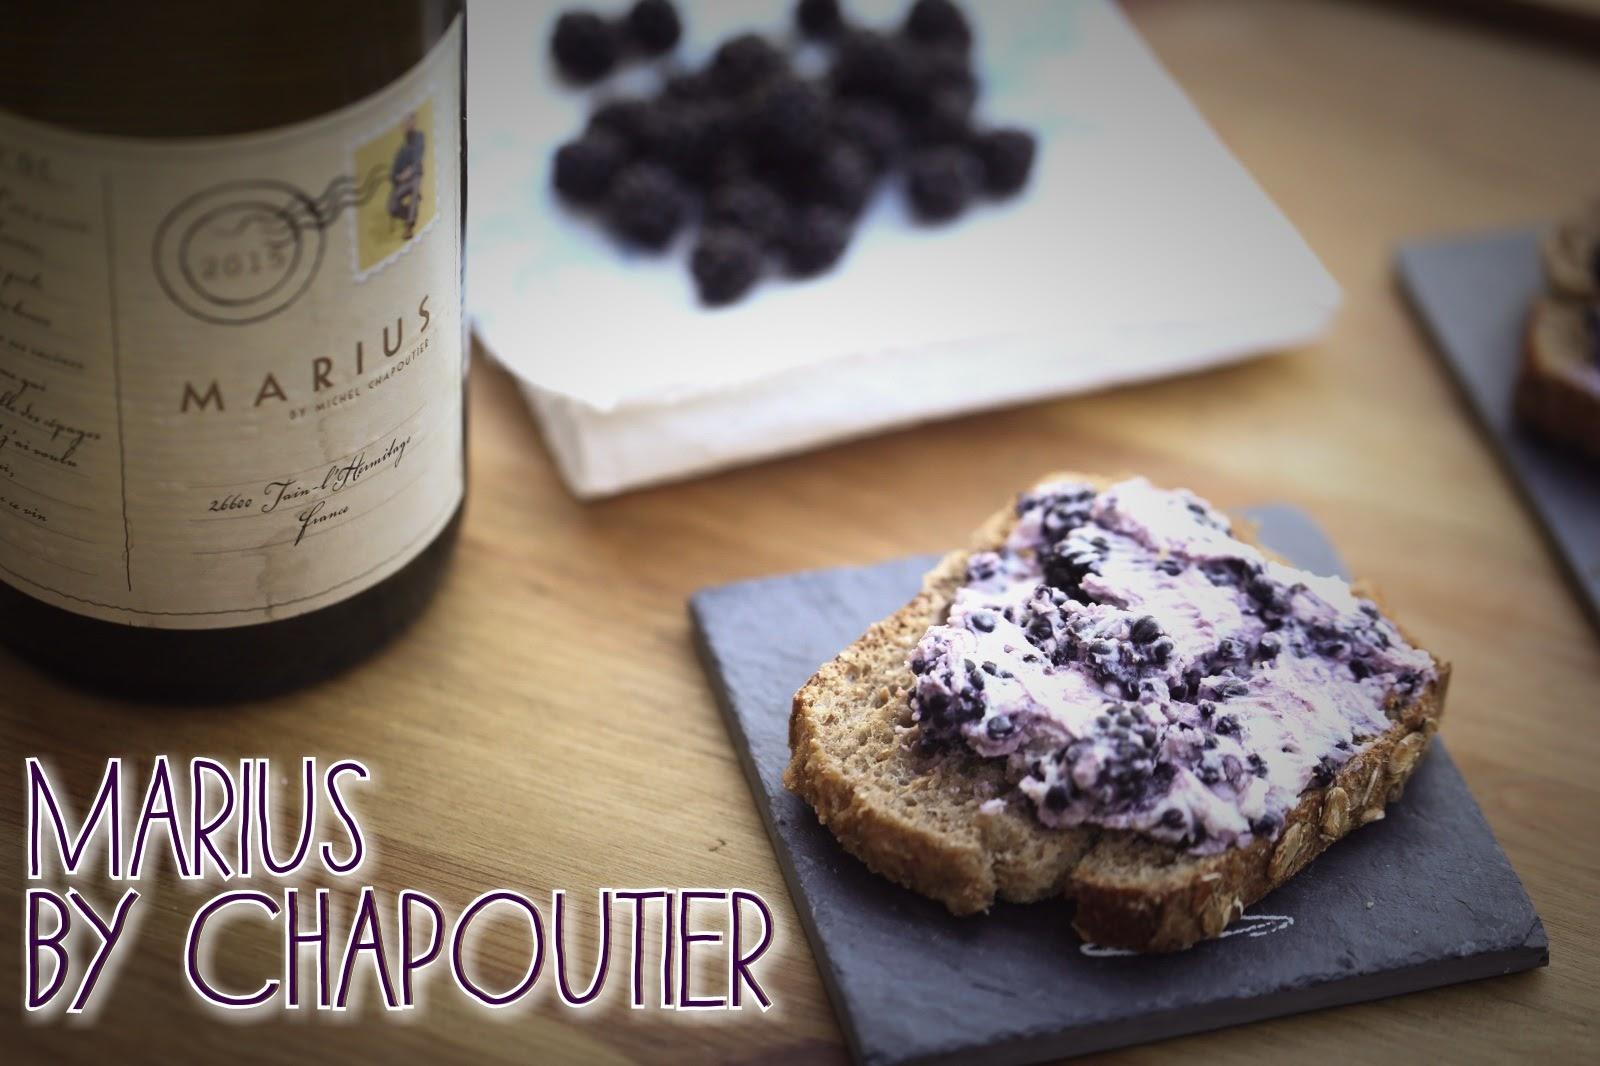 1 recette 1 vin : Tartines chèvre/mûre + Marius by Chapoutier